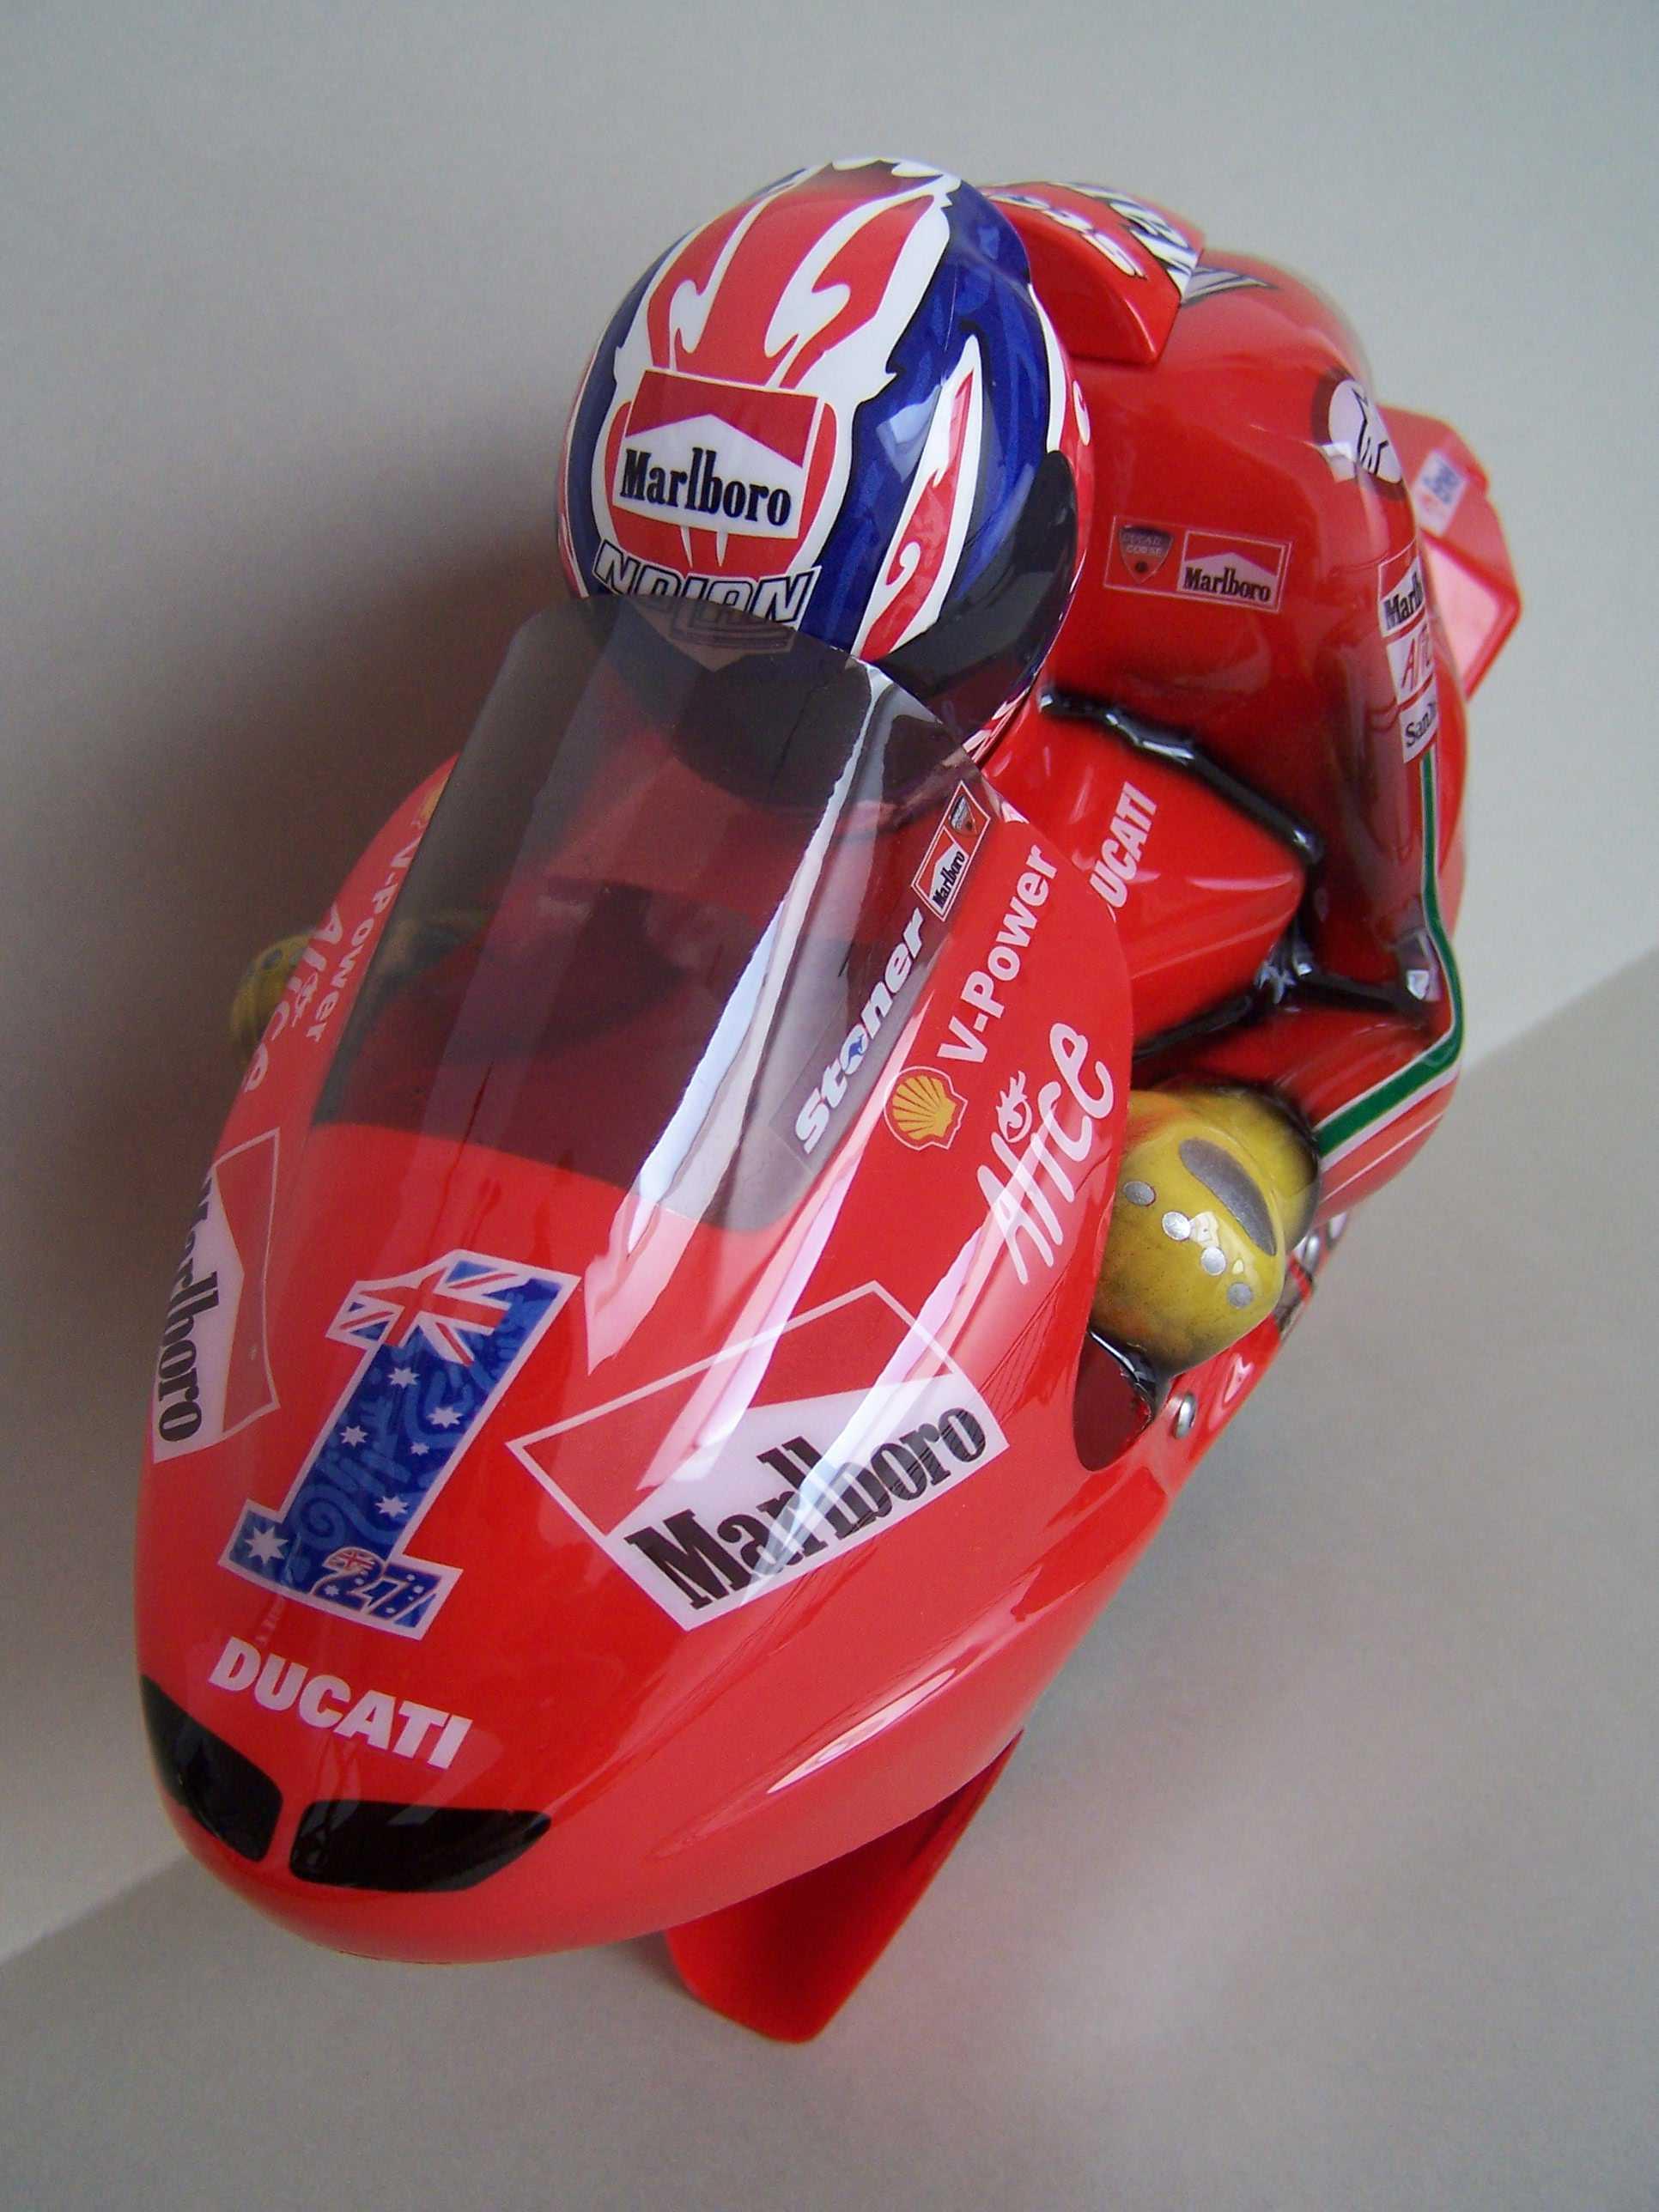 [Marlboro-Ducati-Stoner-2008-12.jpg]